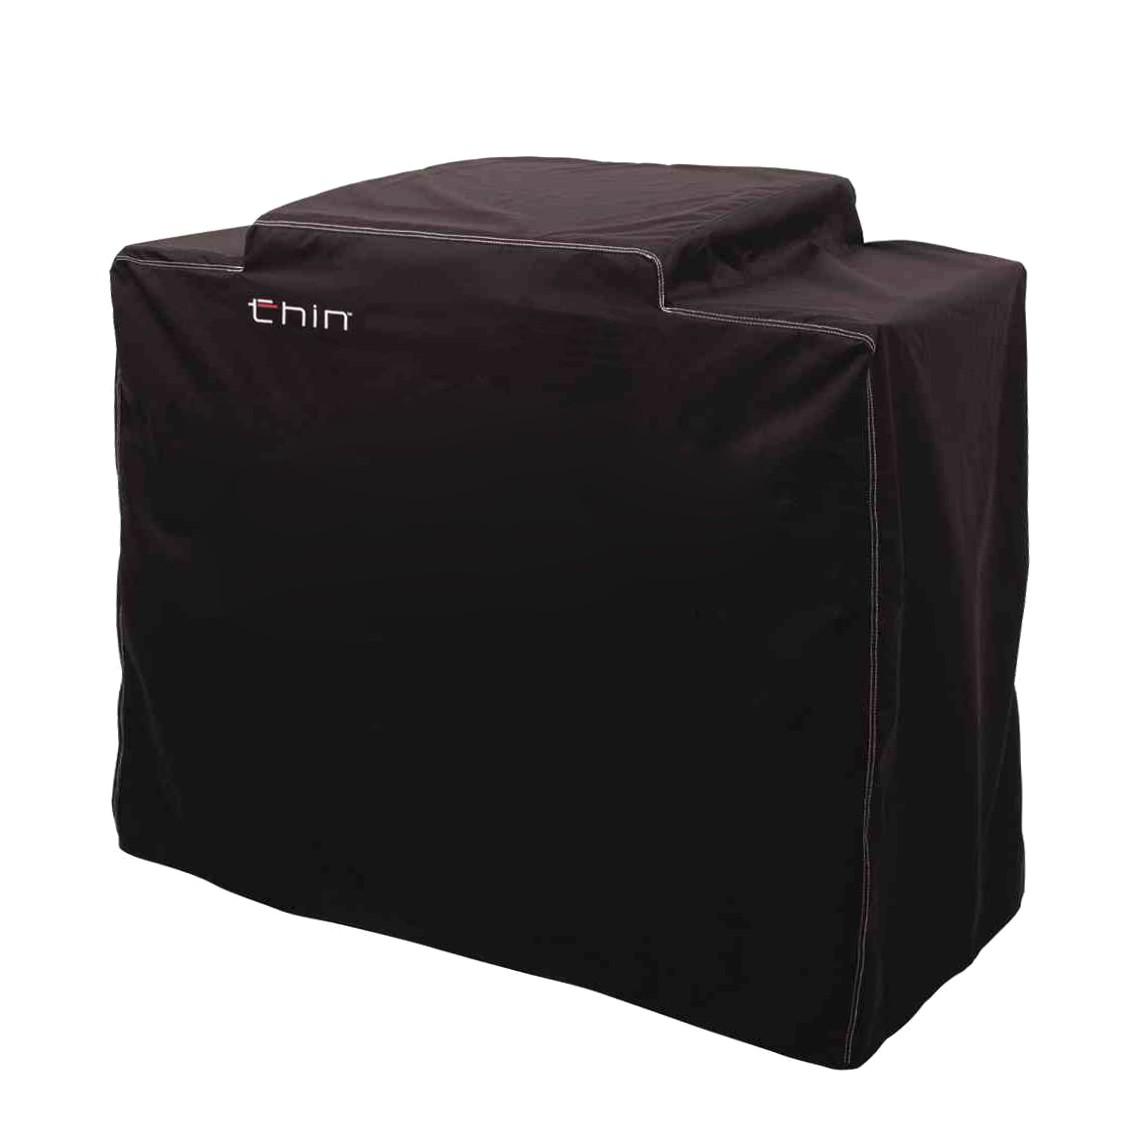 Schutzhülle Thin - Kunststoff - Schwarz, Char Broil